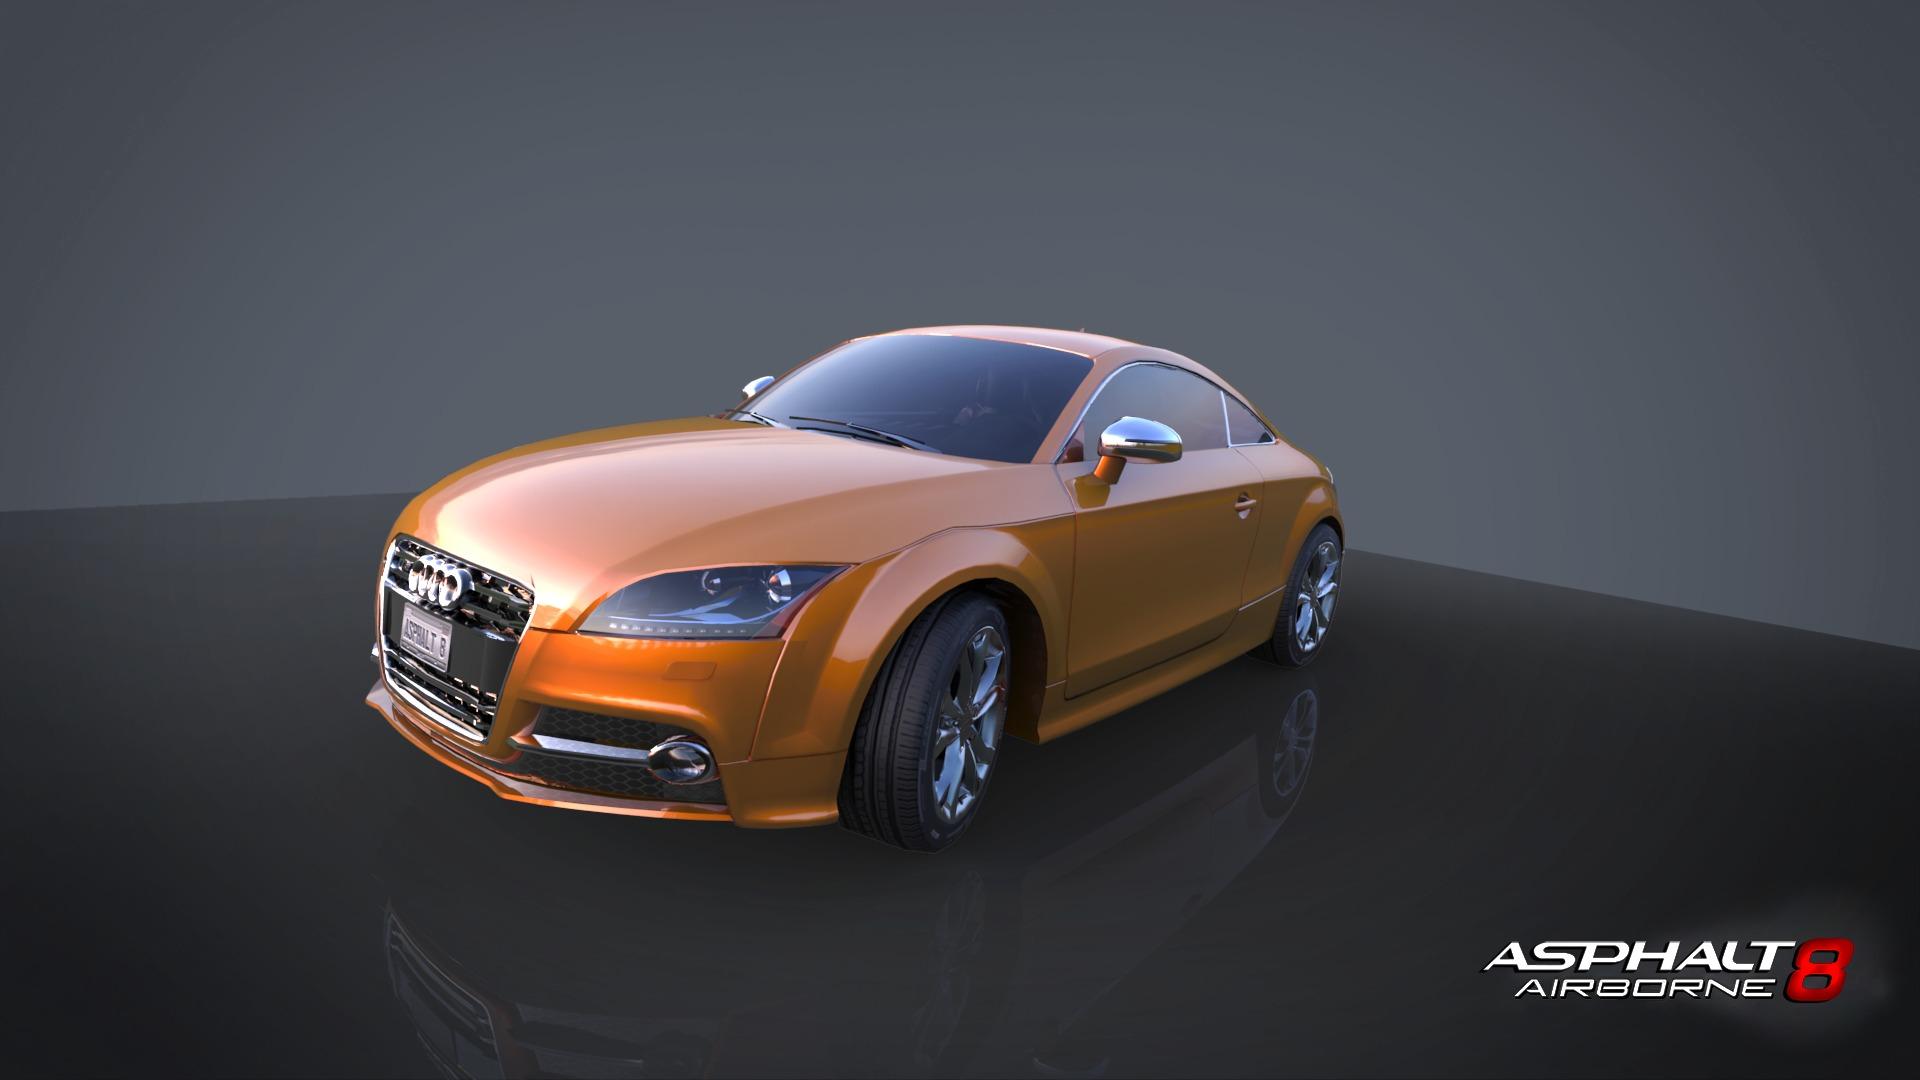 Audifront